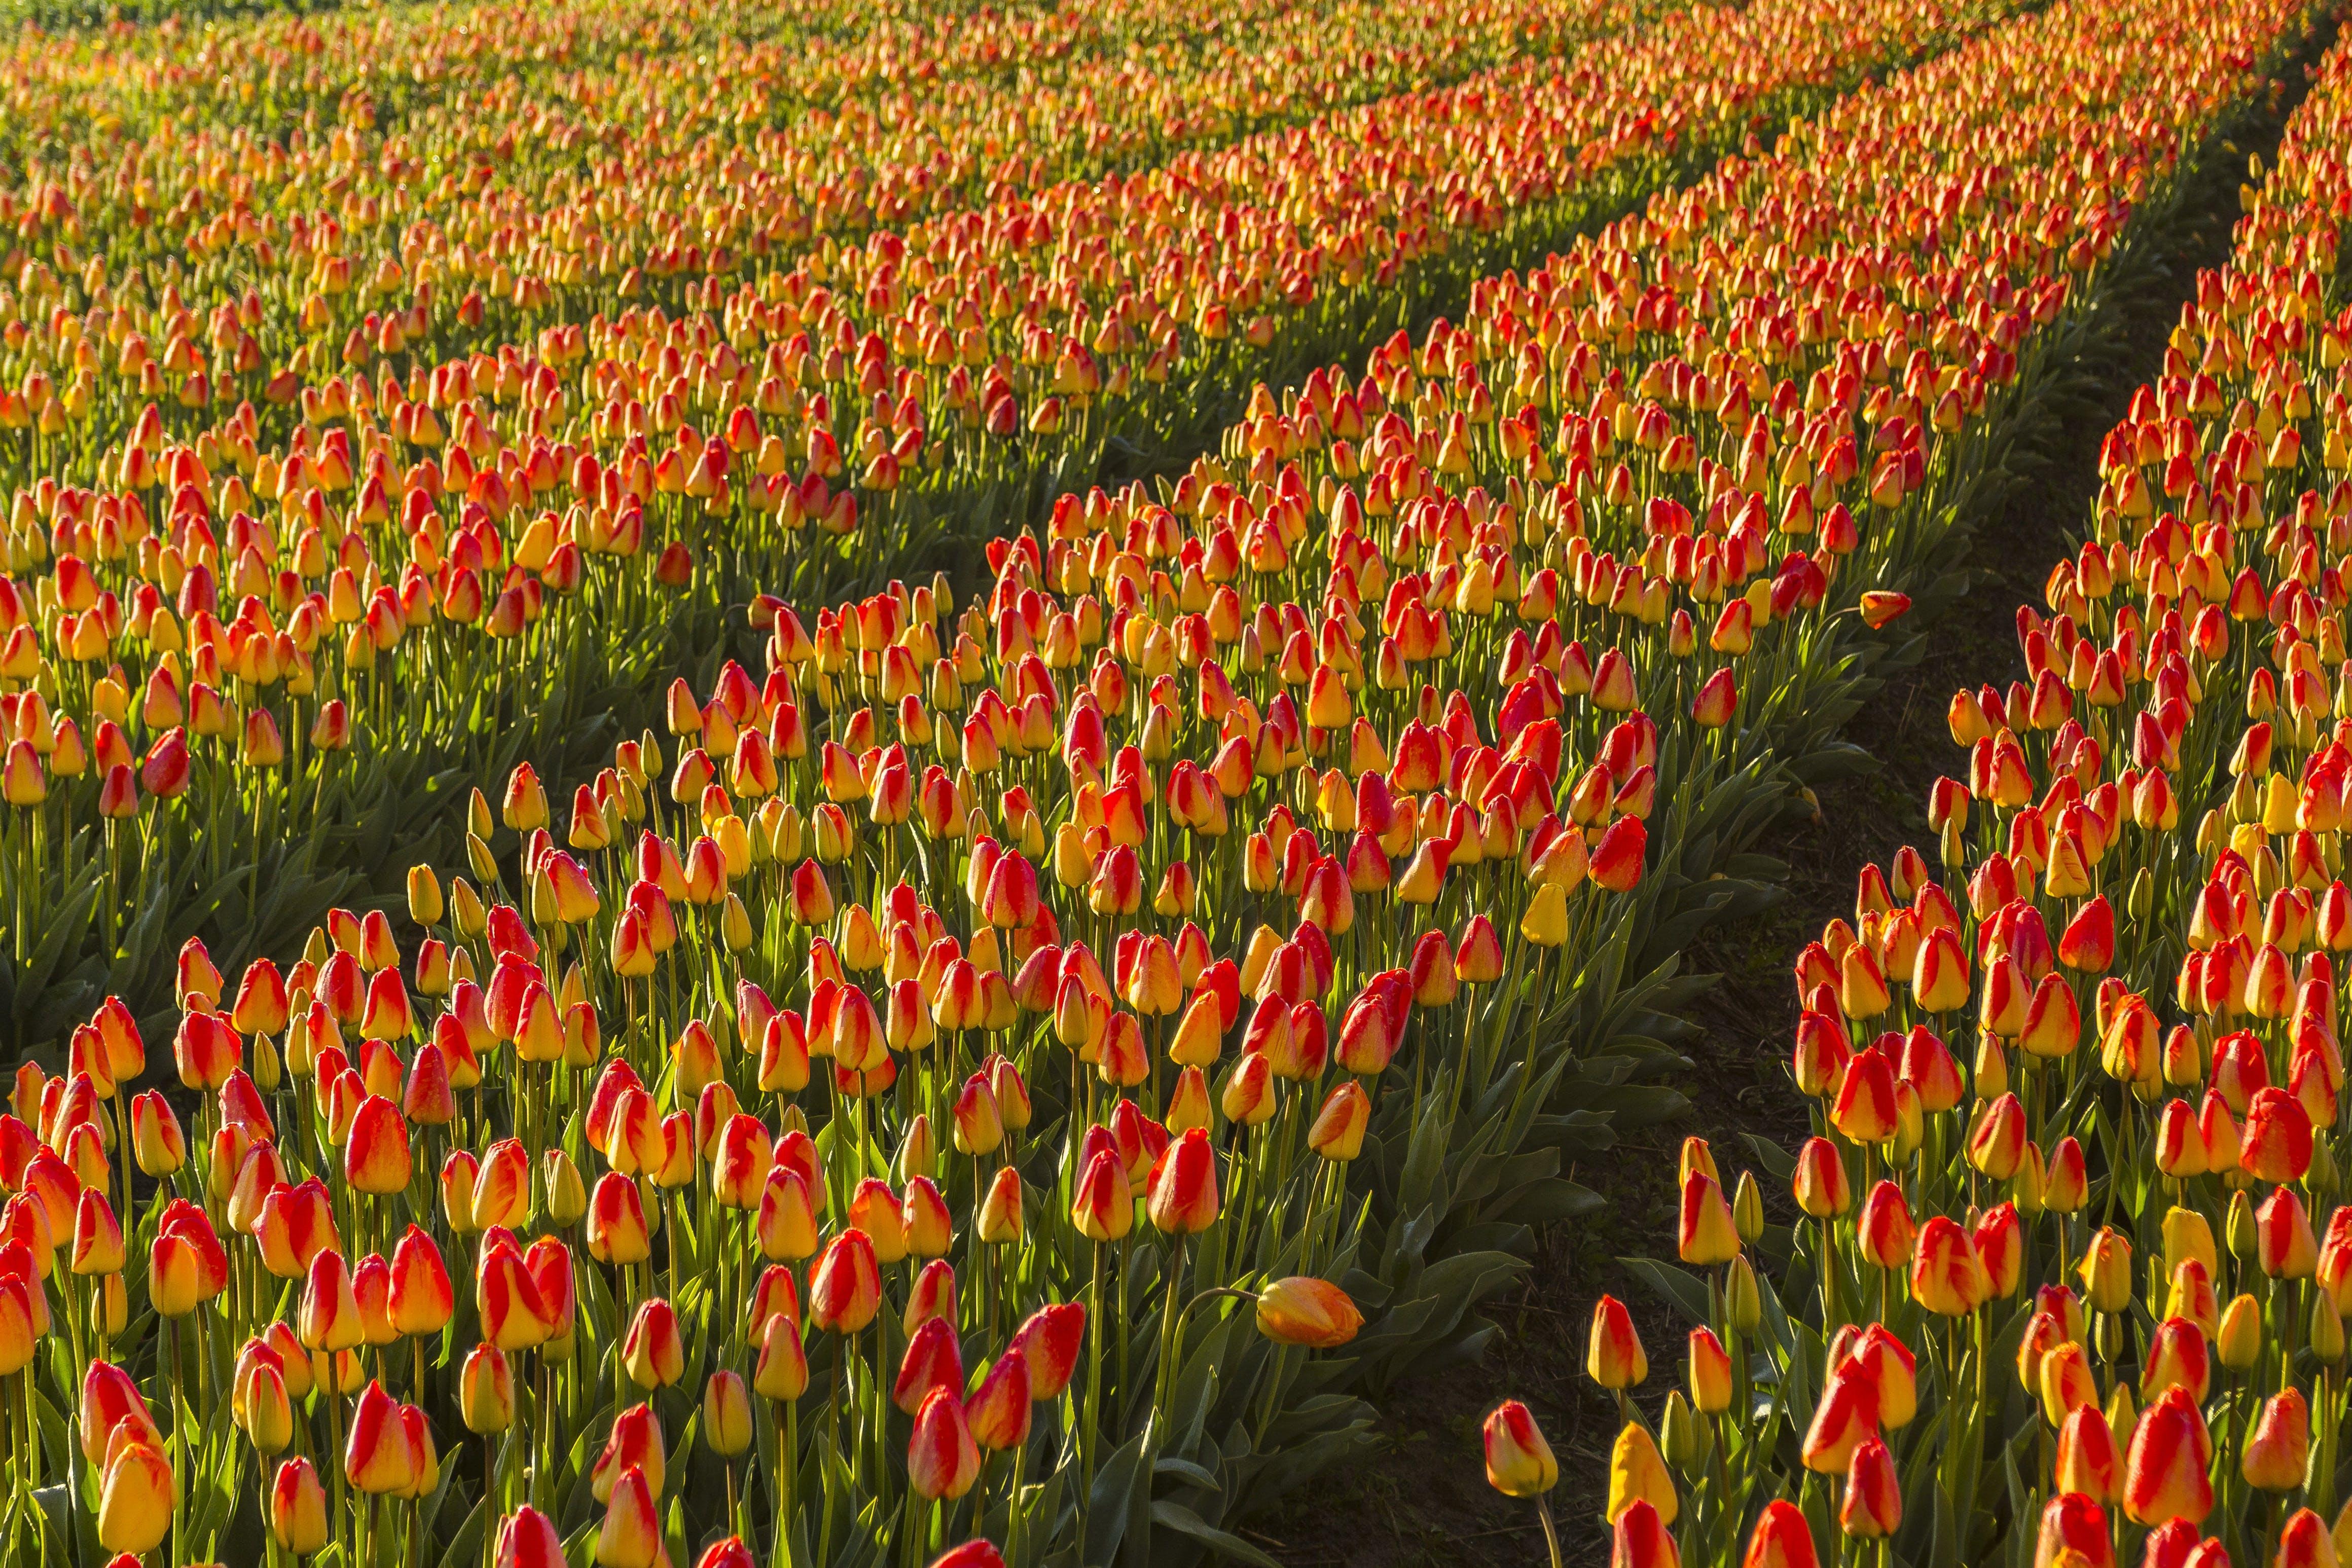 Fotos de stock gratuitas de agricultura, bonito, brillante, campo